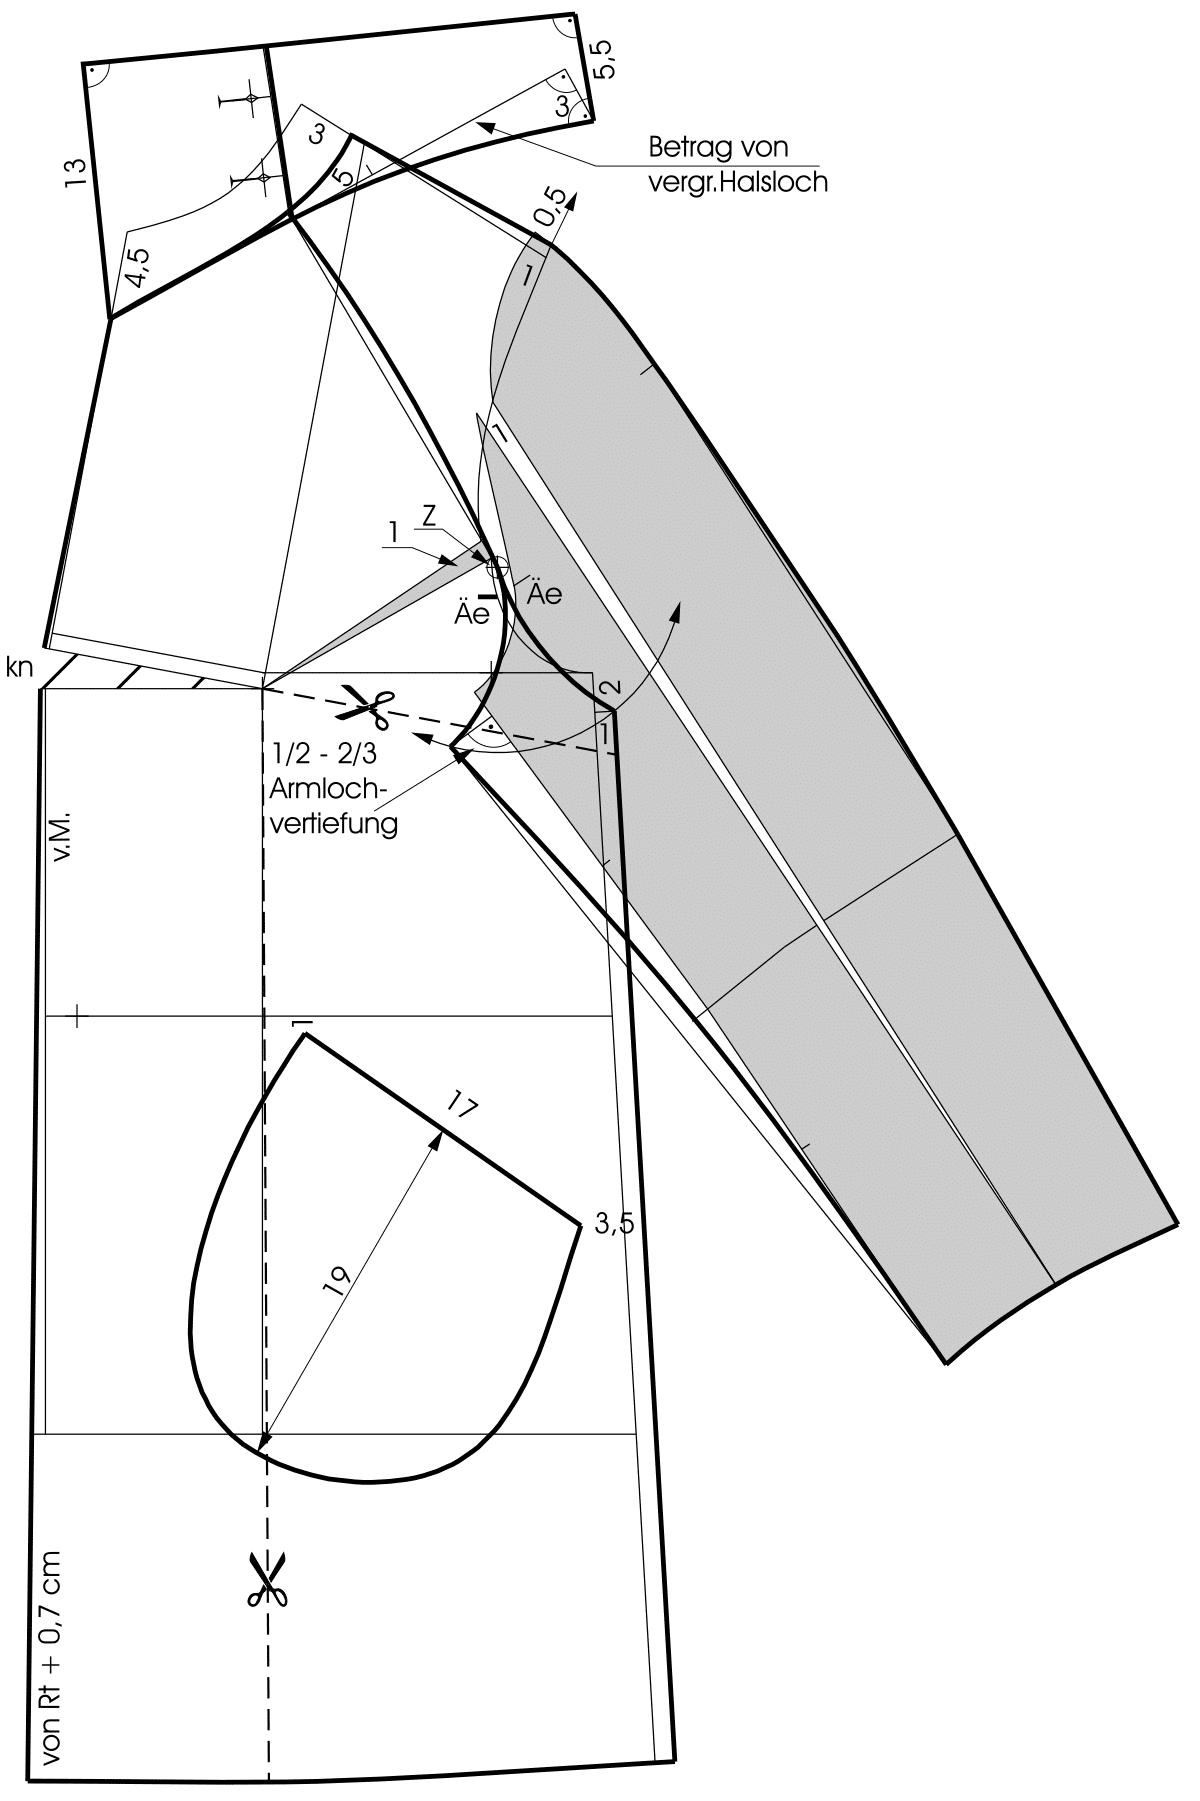 Die Schnittkonstruktion des Vorderteils und Raglanärmels ist zu sehen.